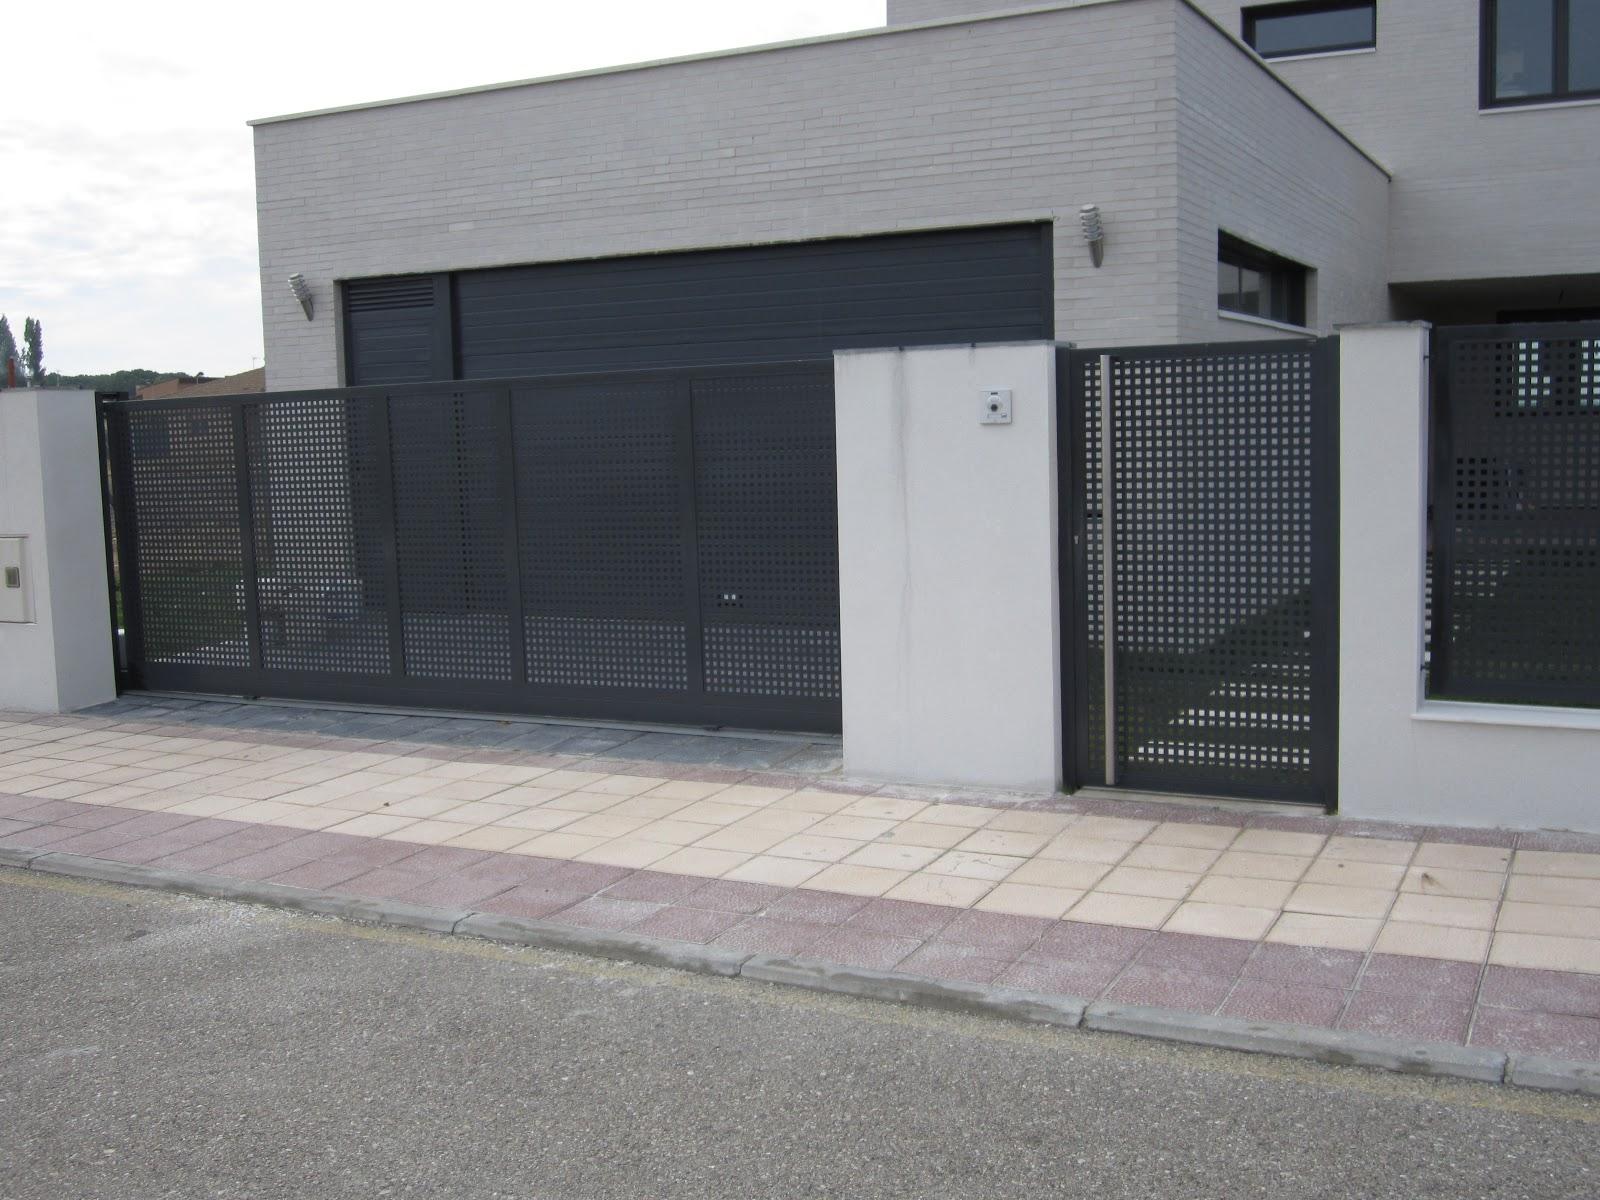 Norbel carpinteria met lica y acero inoxidable cerramiento chalet vallas puerta de entrada - Puertas de chalet ...